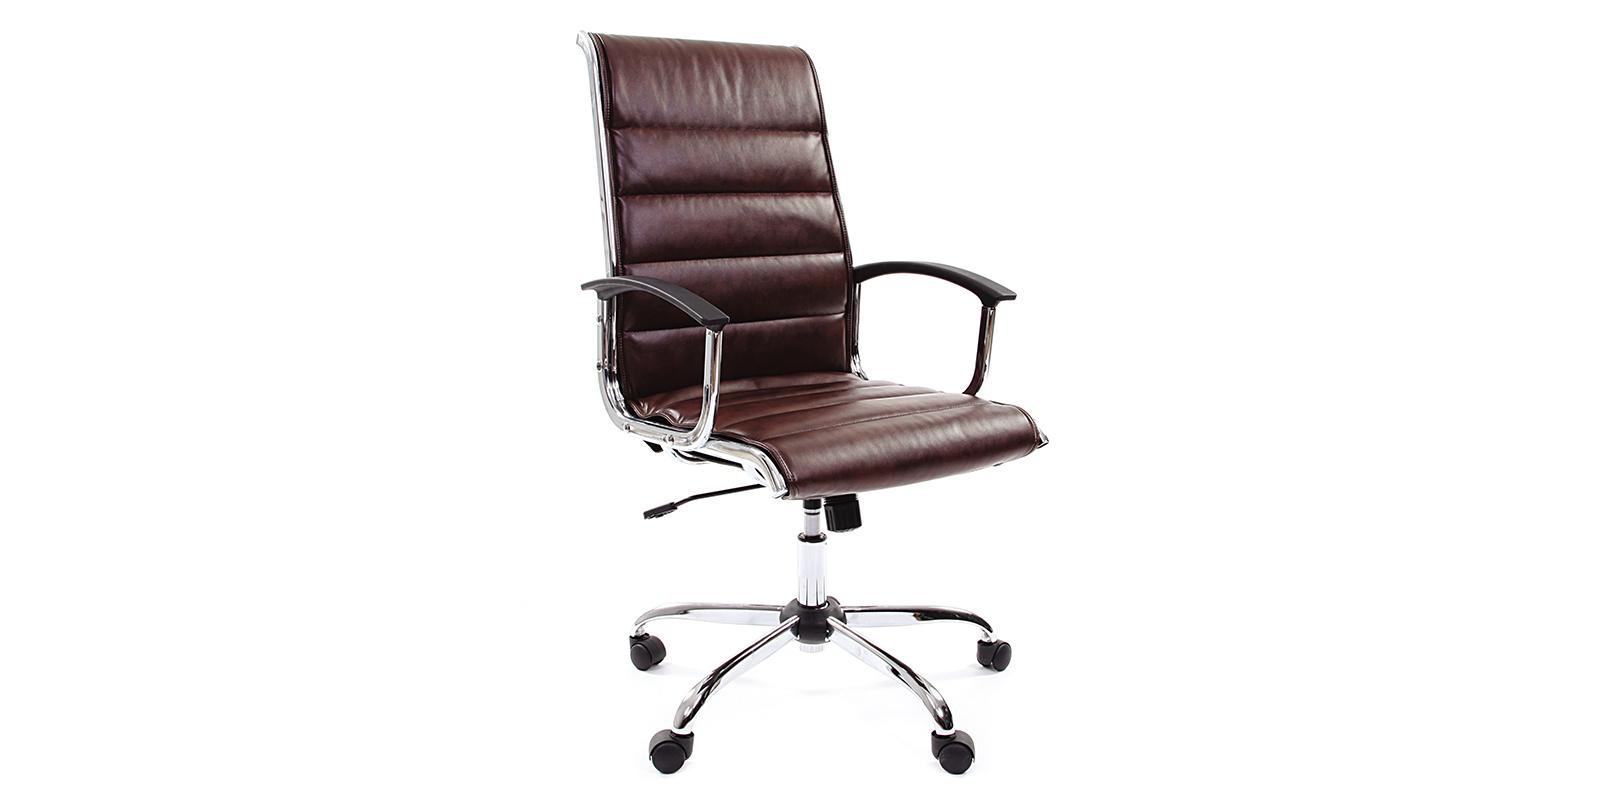 Кресло для руководителя Chairman 760 вариант №1 (коричневый)